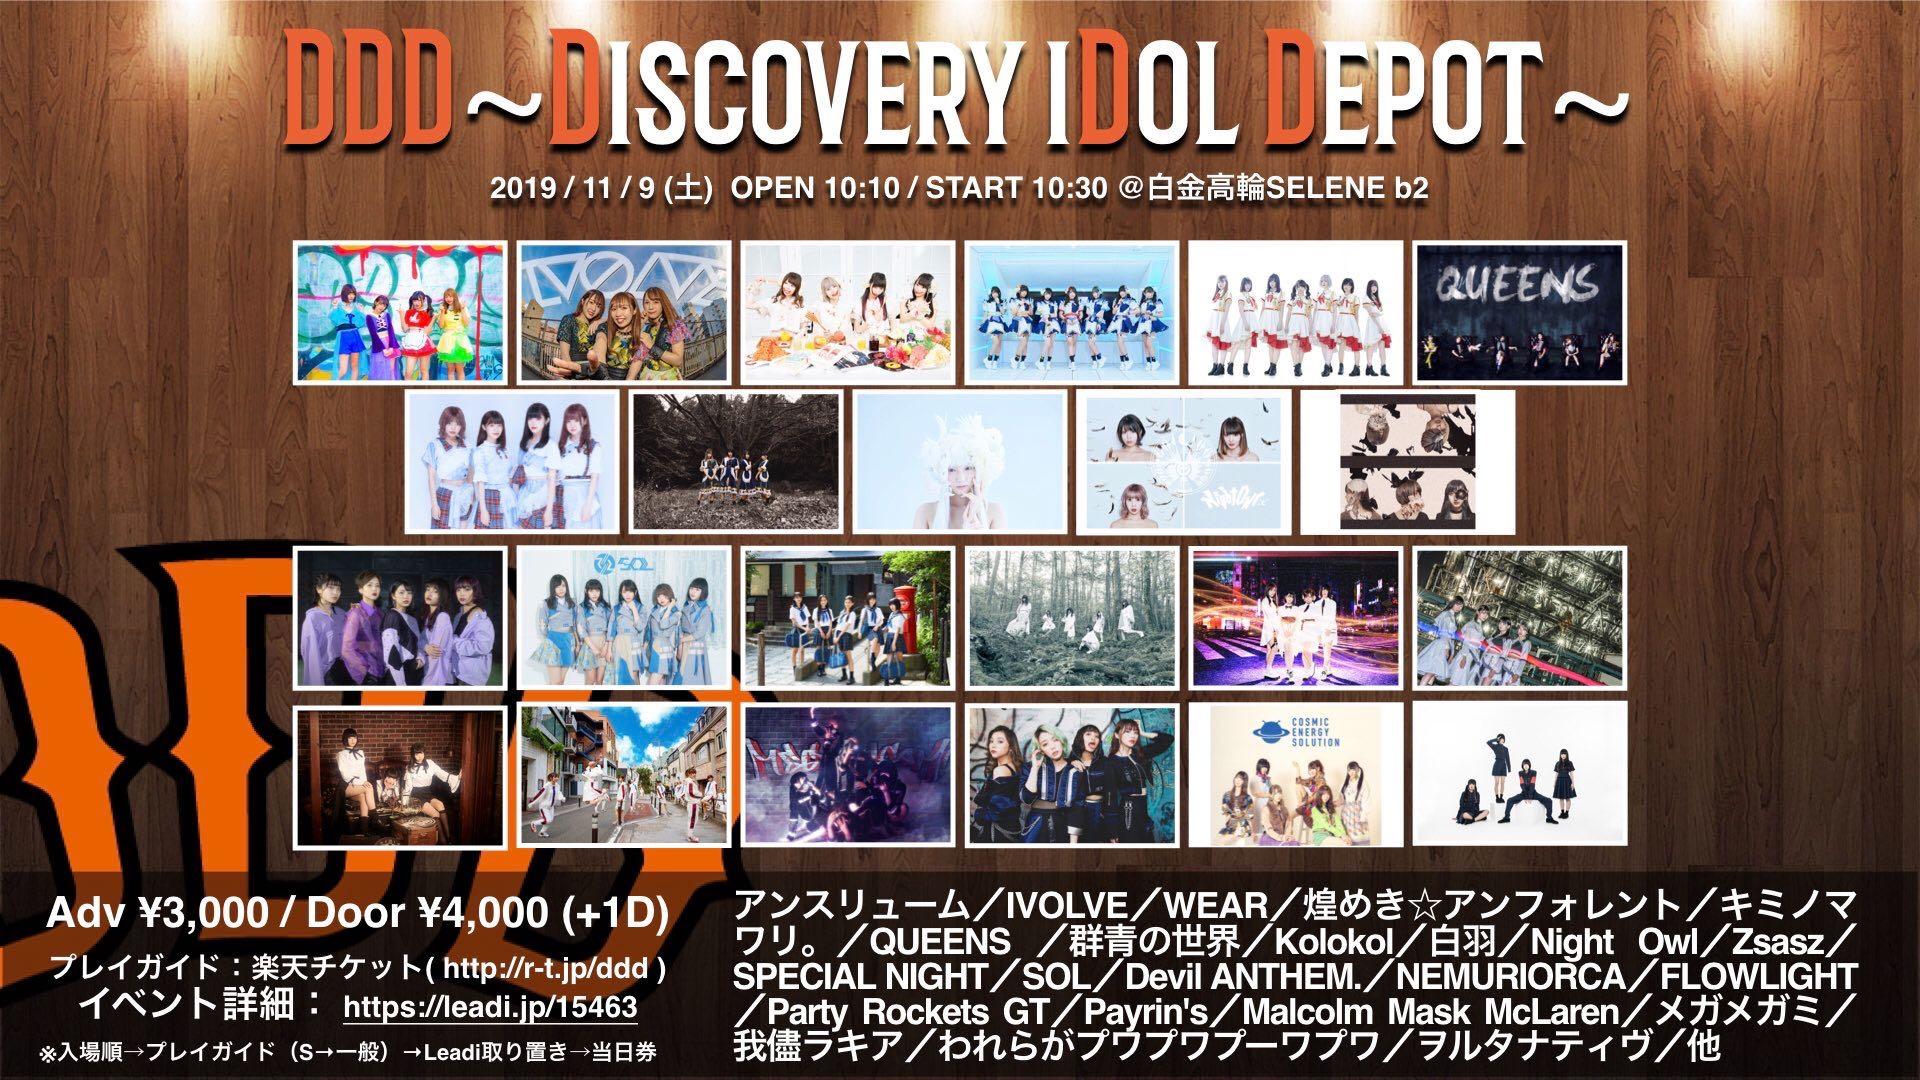 2019.11.09 「DDD~Discovery iDol Depot~」